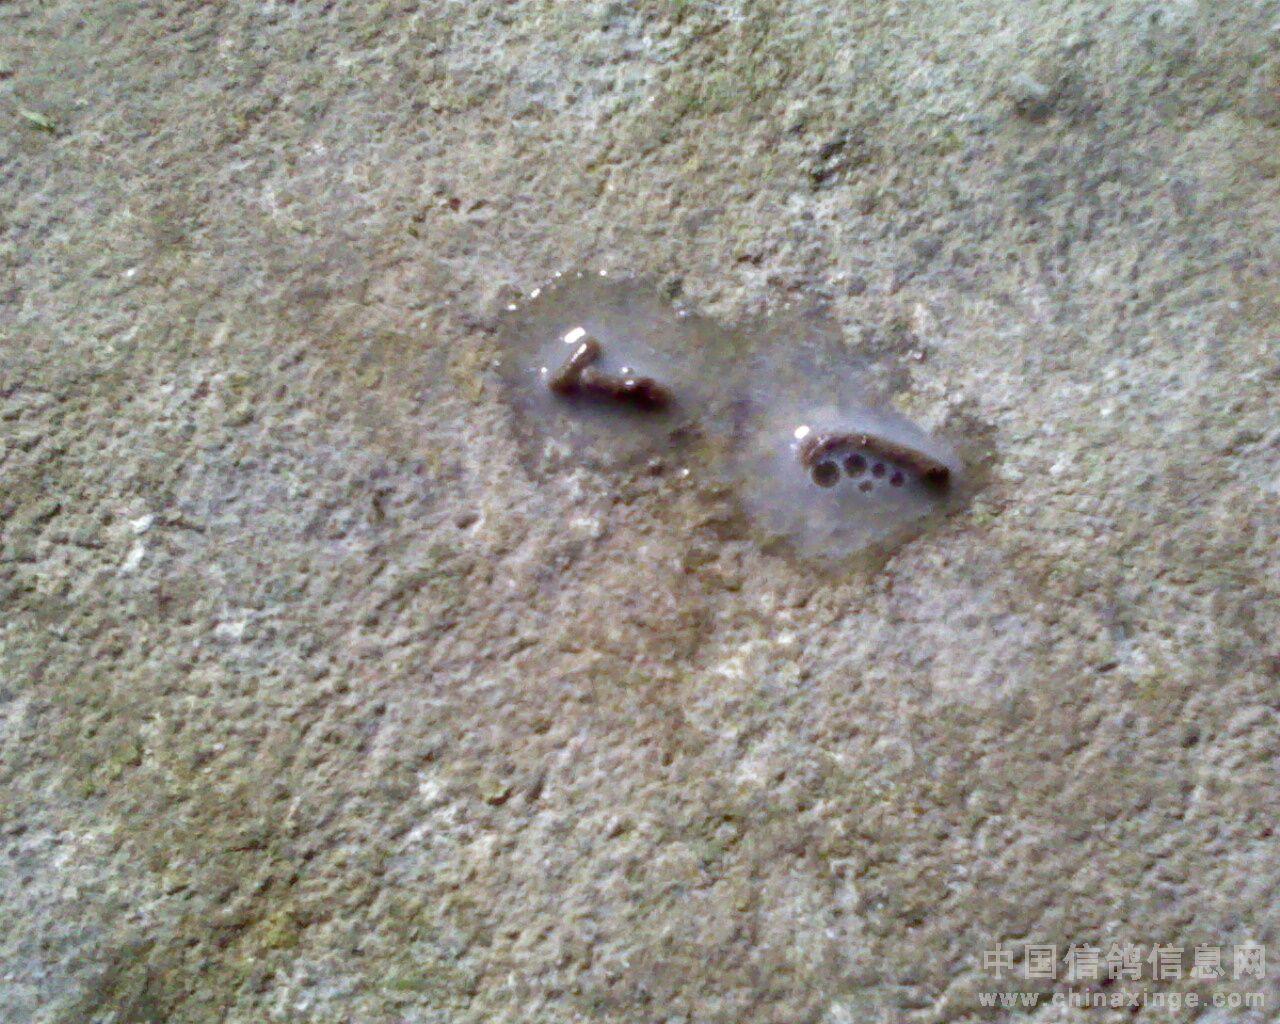 粪球虫图片大全 粪球虫摄影图 昆虫 生物世界图片